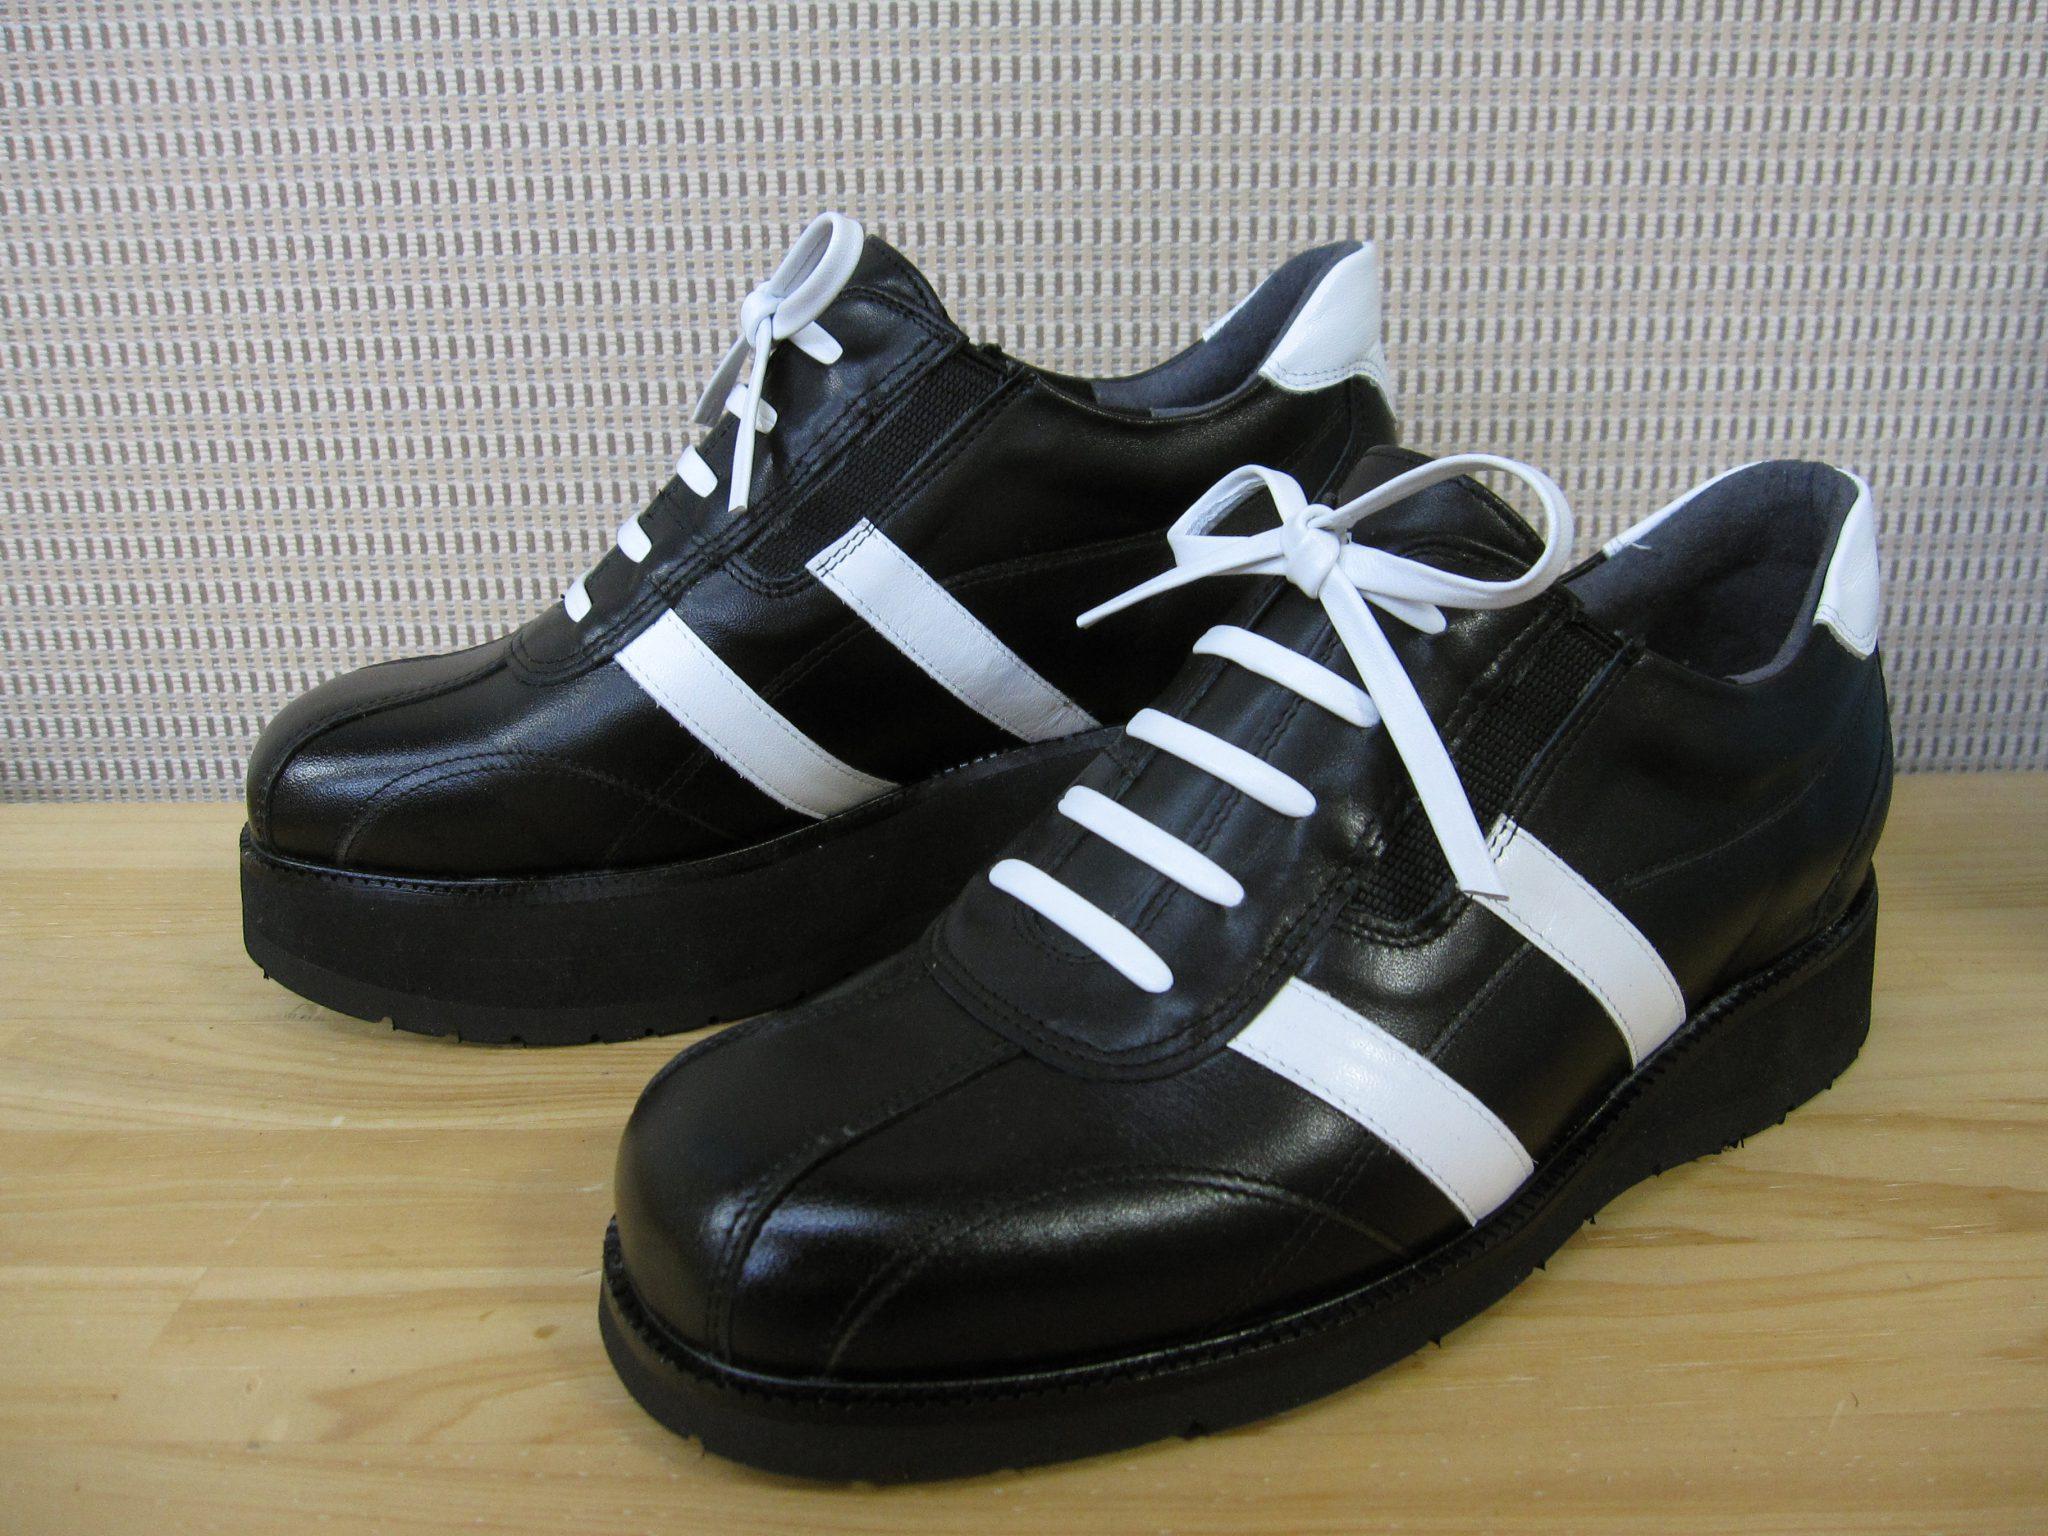 変形性股関節症の方の足にやさしい靴・オーダーメイドシューズ